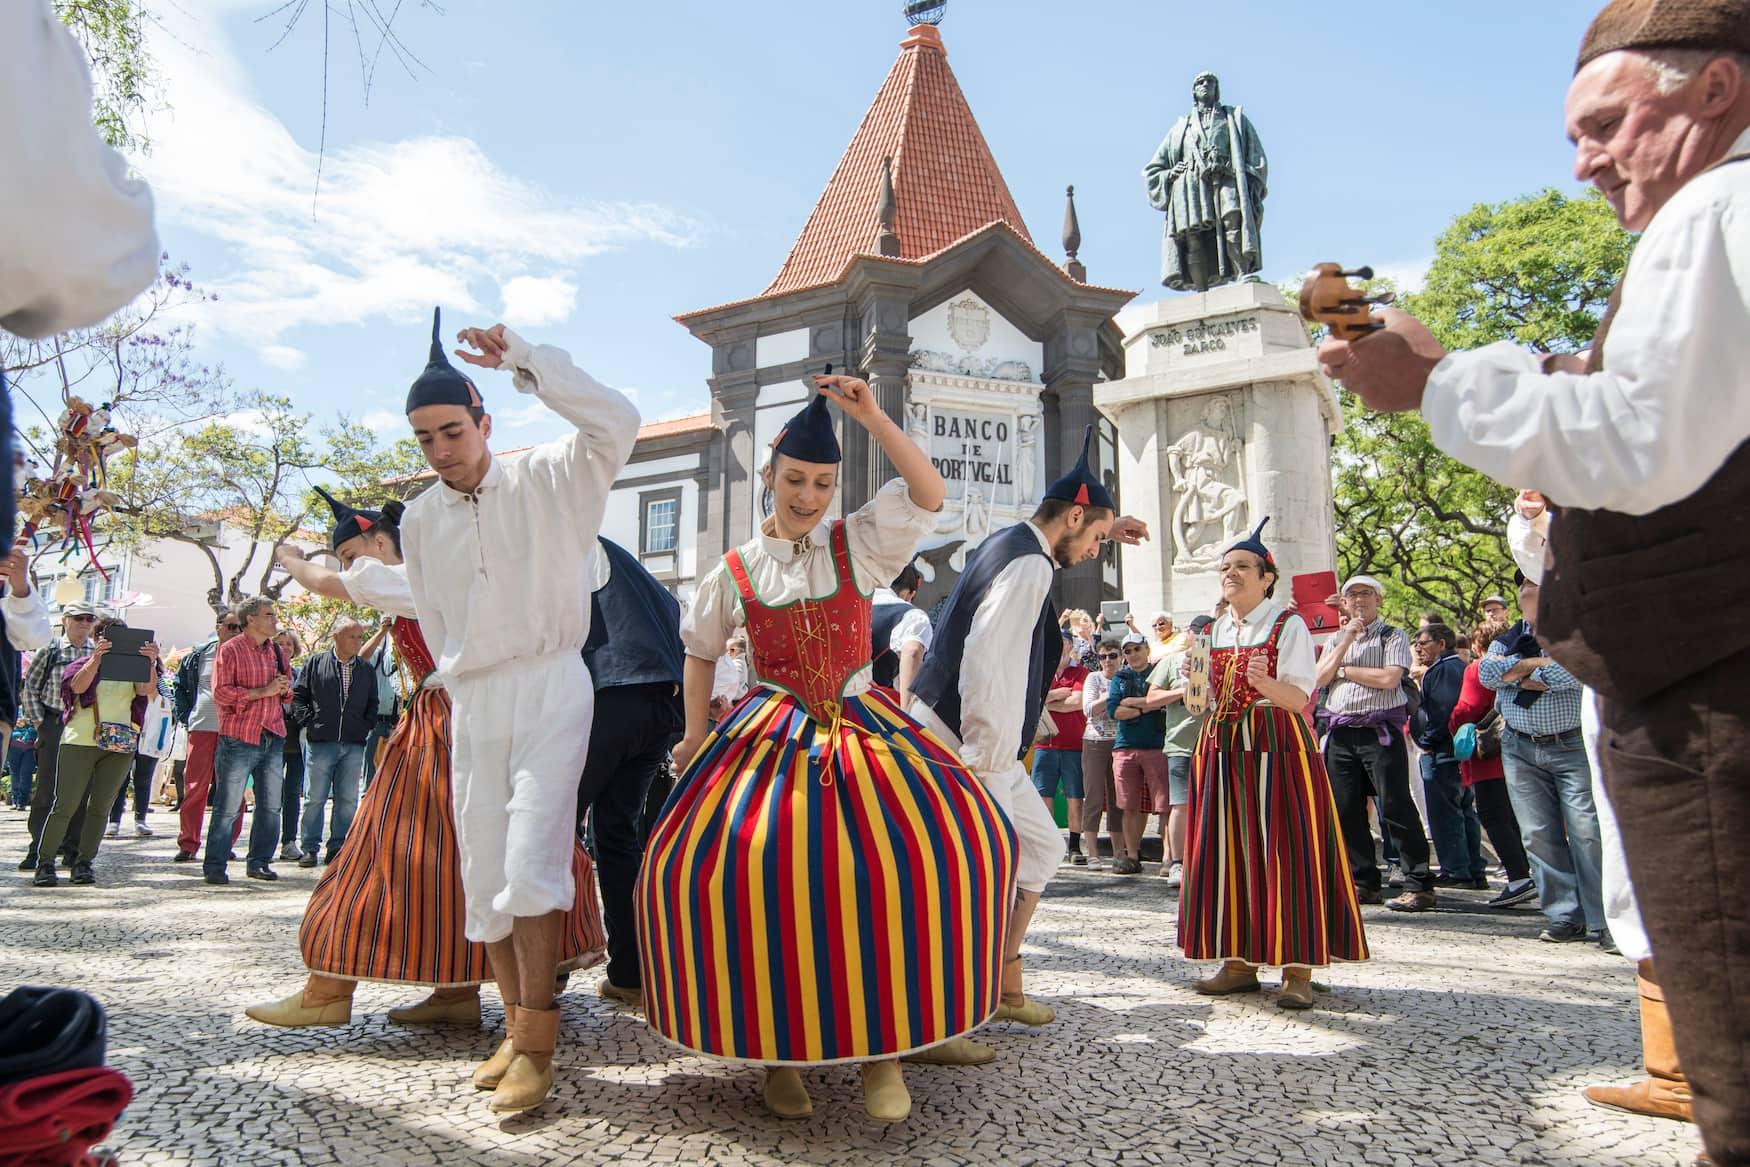 Landestypische Volksgruppe auf dem Blumenfestival in Funchal